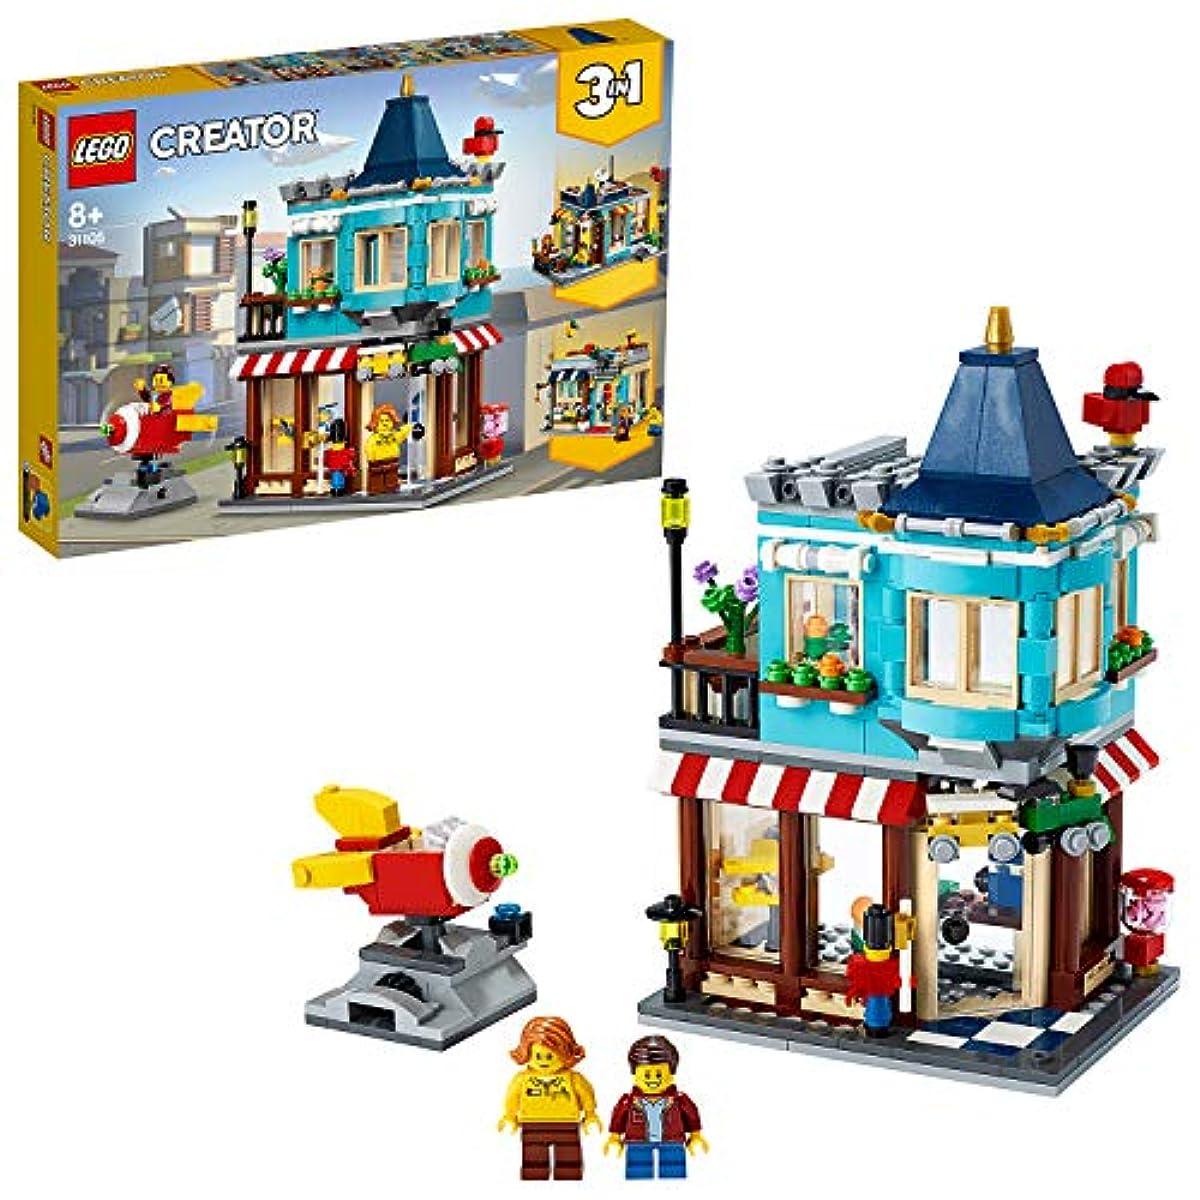 [해외] 레고(LEGO) creator 퍼터운 하우스 장난감 가게 31105